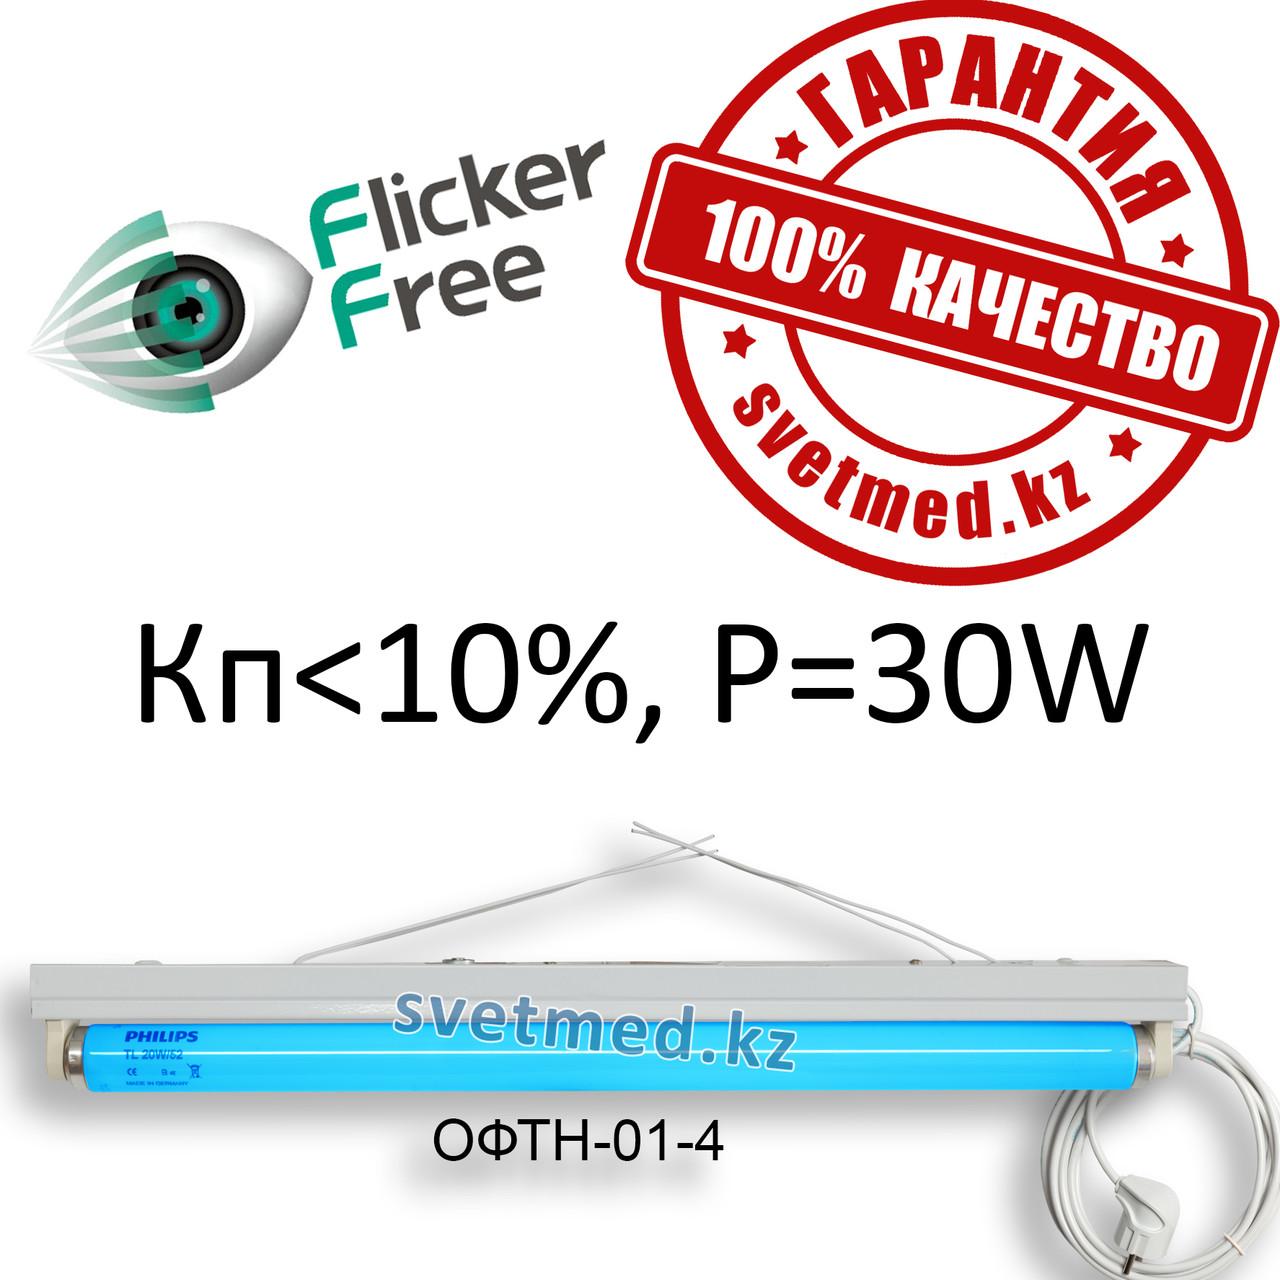 Фотолампа ОФТН-01-4 (P=30W, Кп менее 10%)